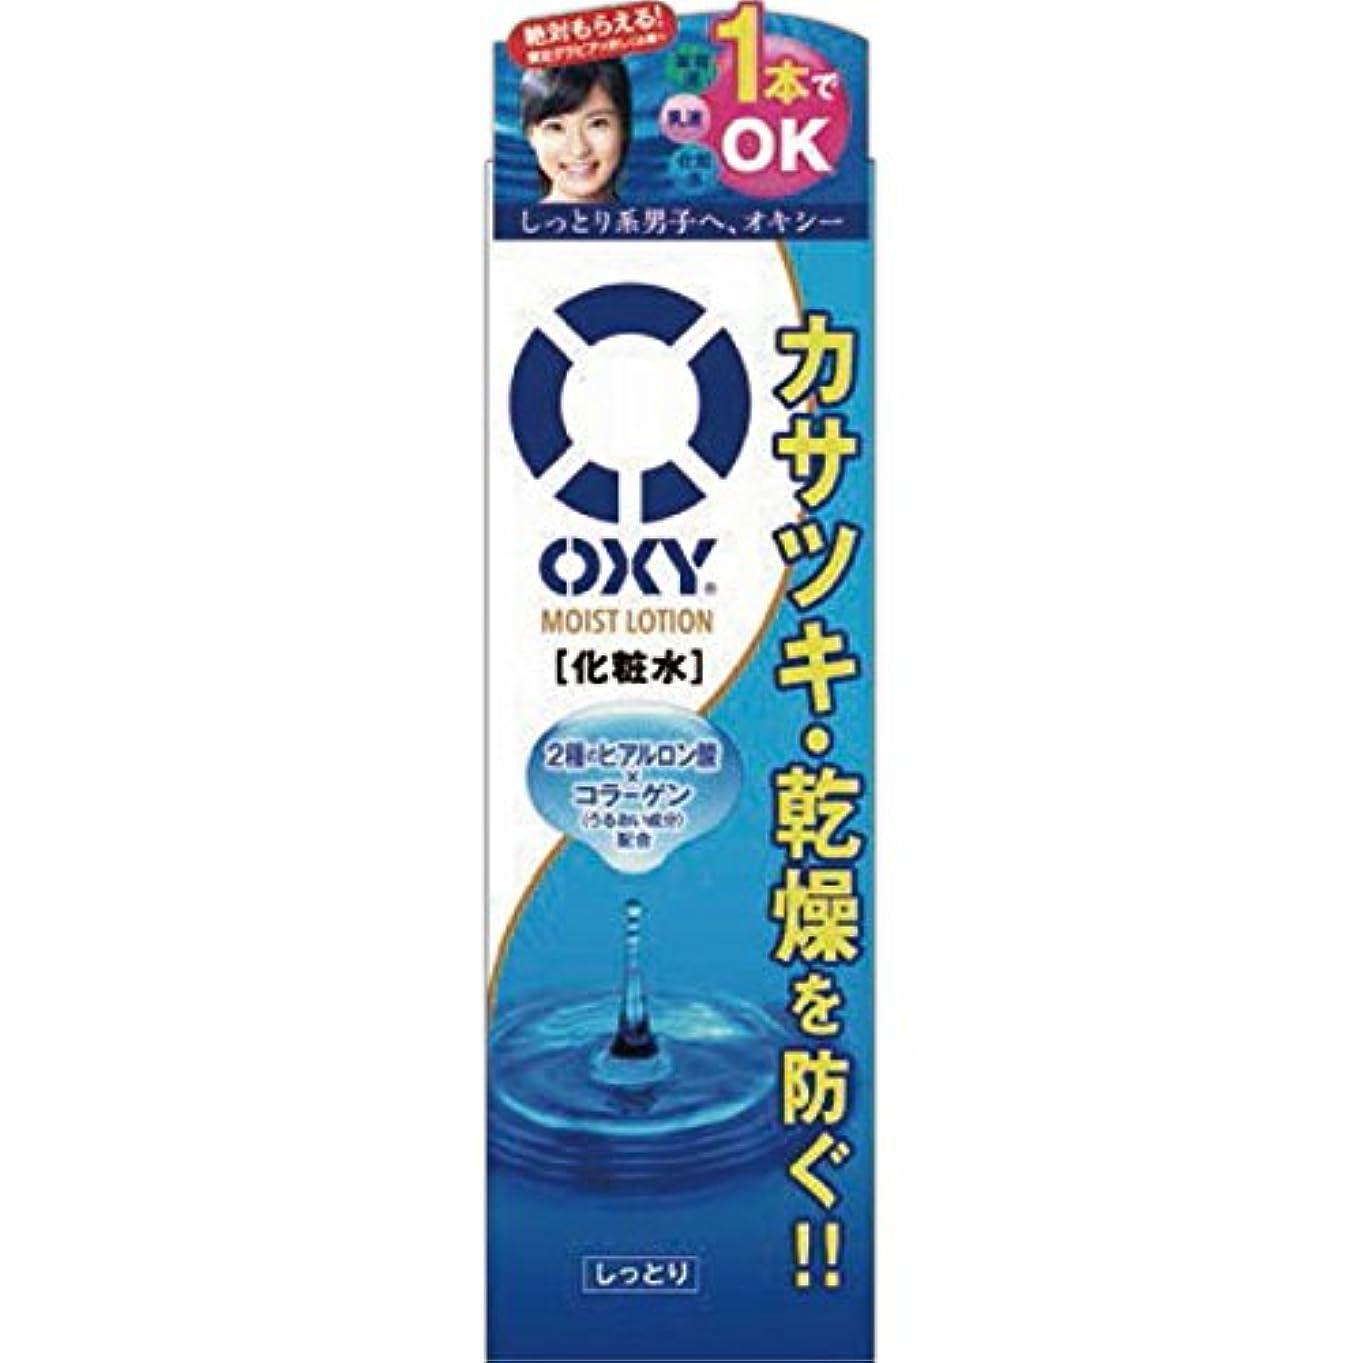 四半期白内障開始オキシー (Oxy) モイストローション オールインワン化粧水 2種のヒアルロン酸×コラーゲン配合 ゼラニウムの香 170mL